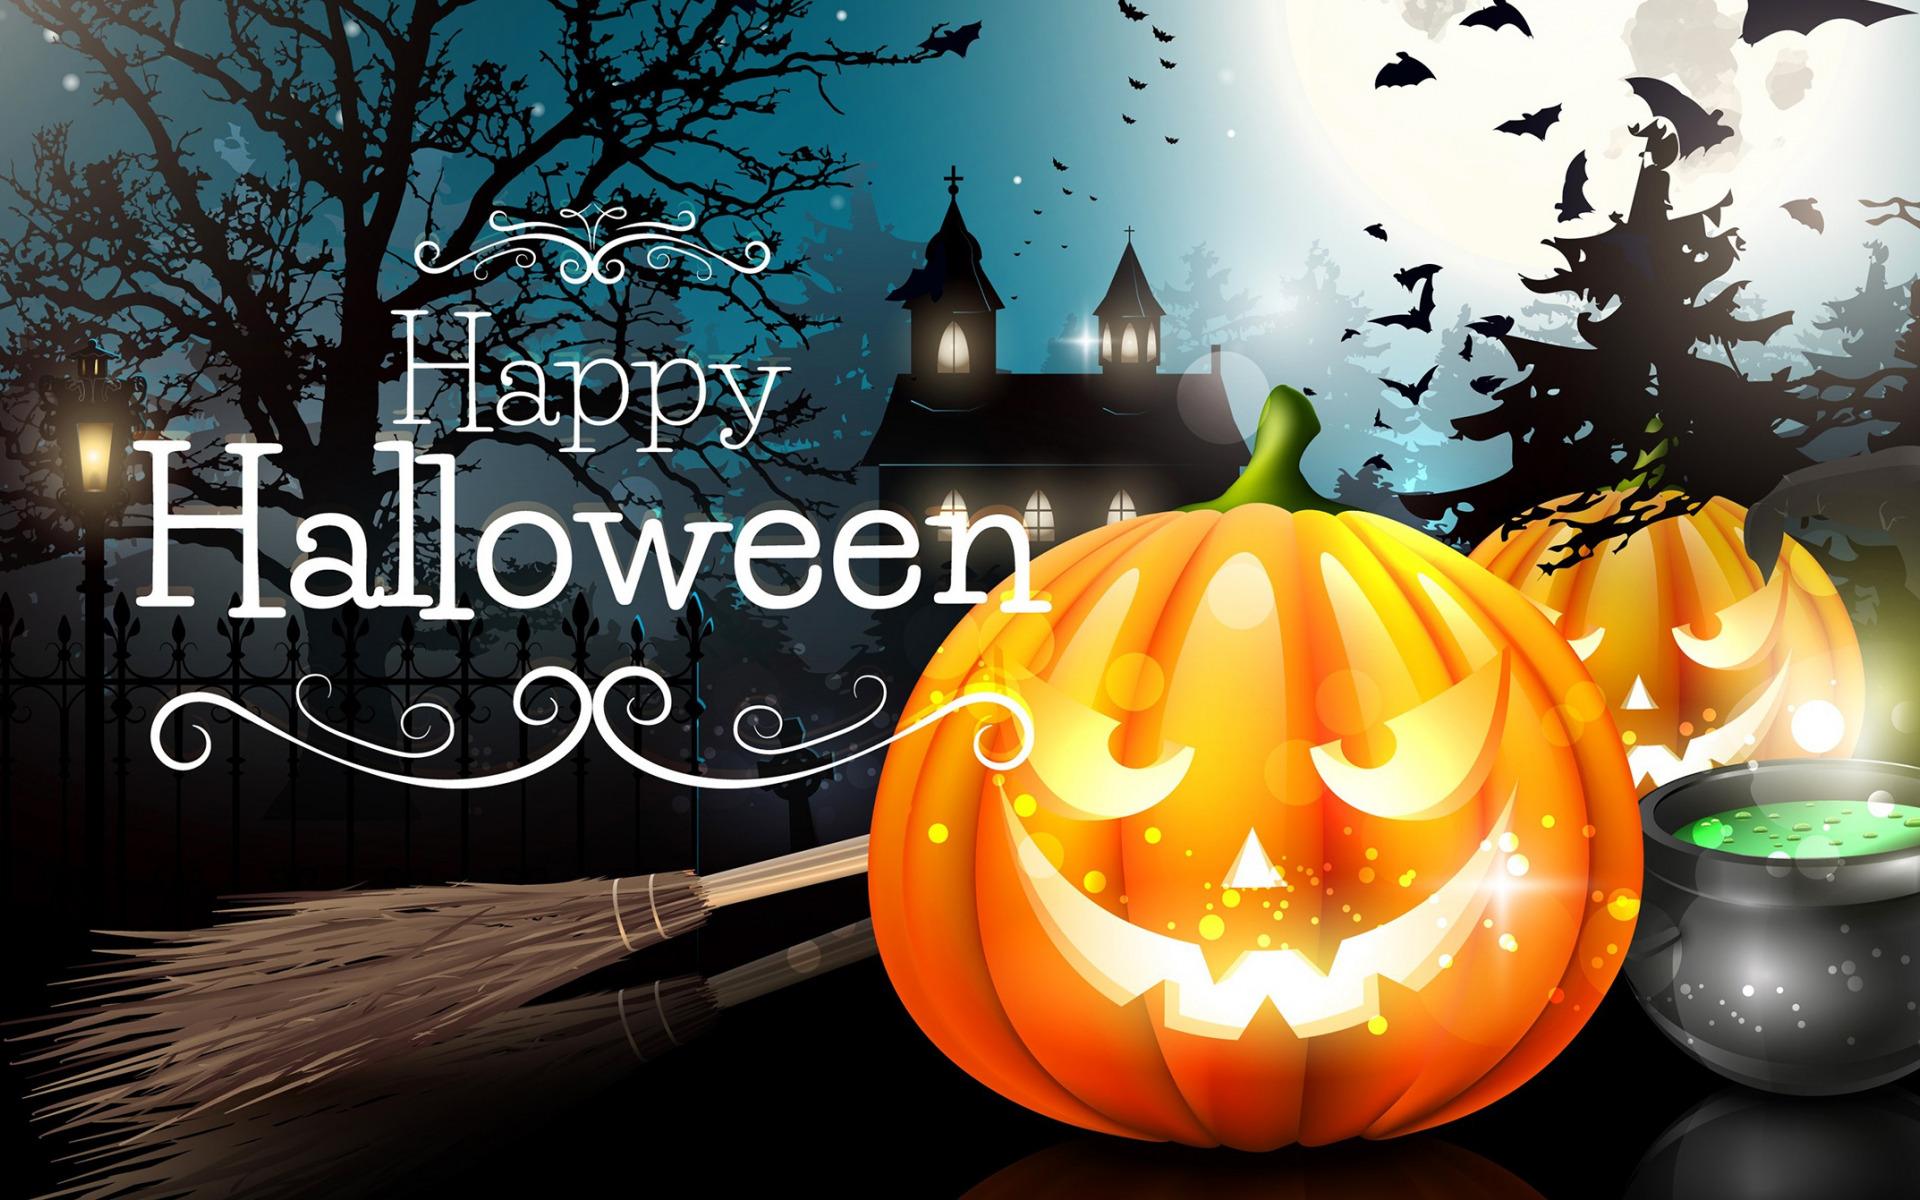 картинка название хэллоуина поставят кроватку, боюсь